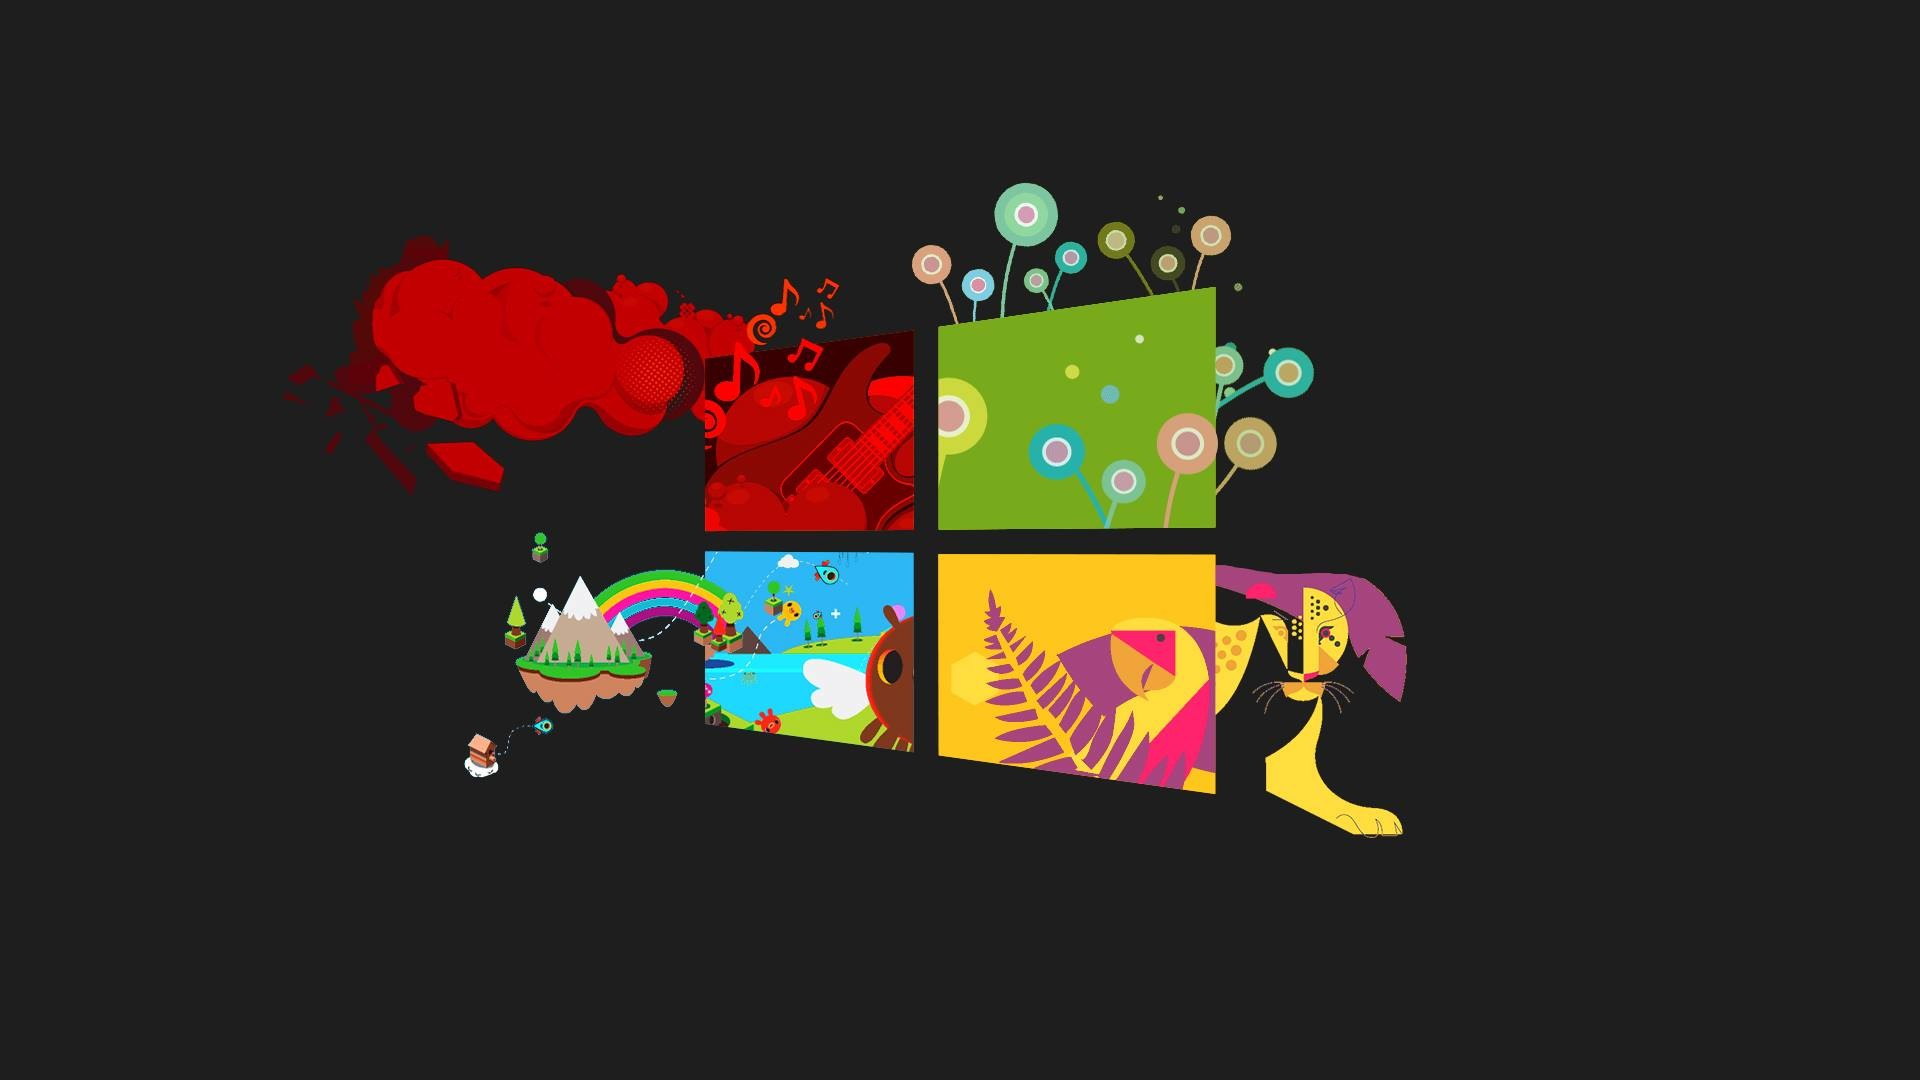 Sfondi Pc Windows 10 82 Immagini